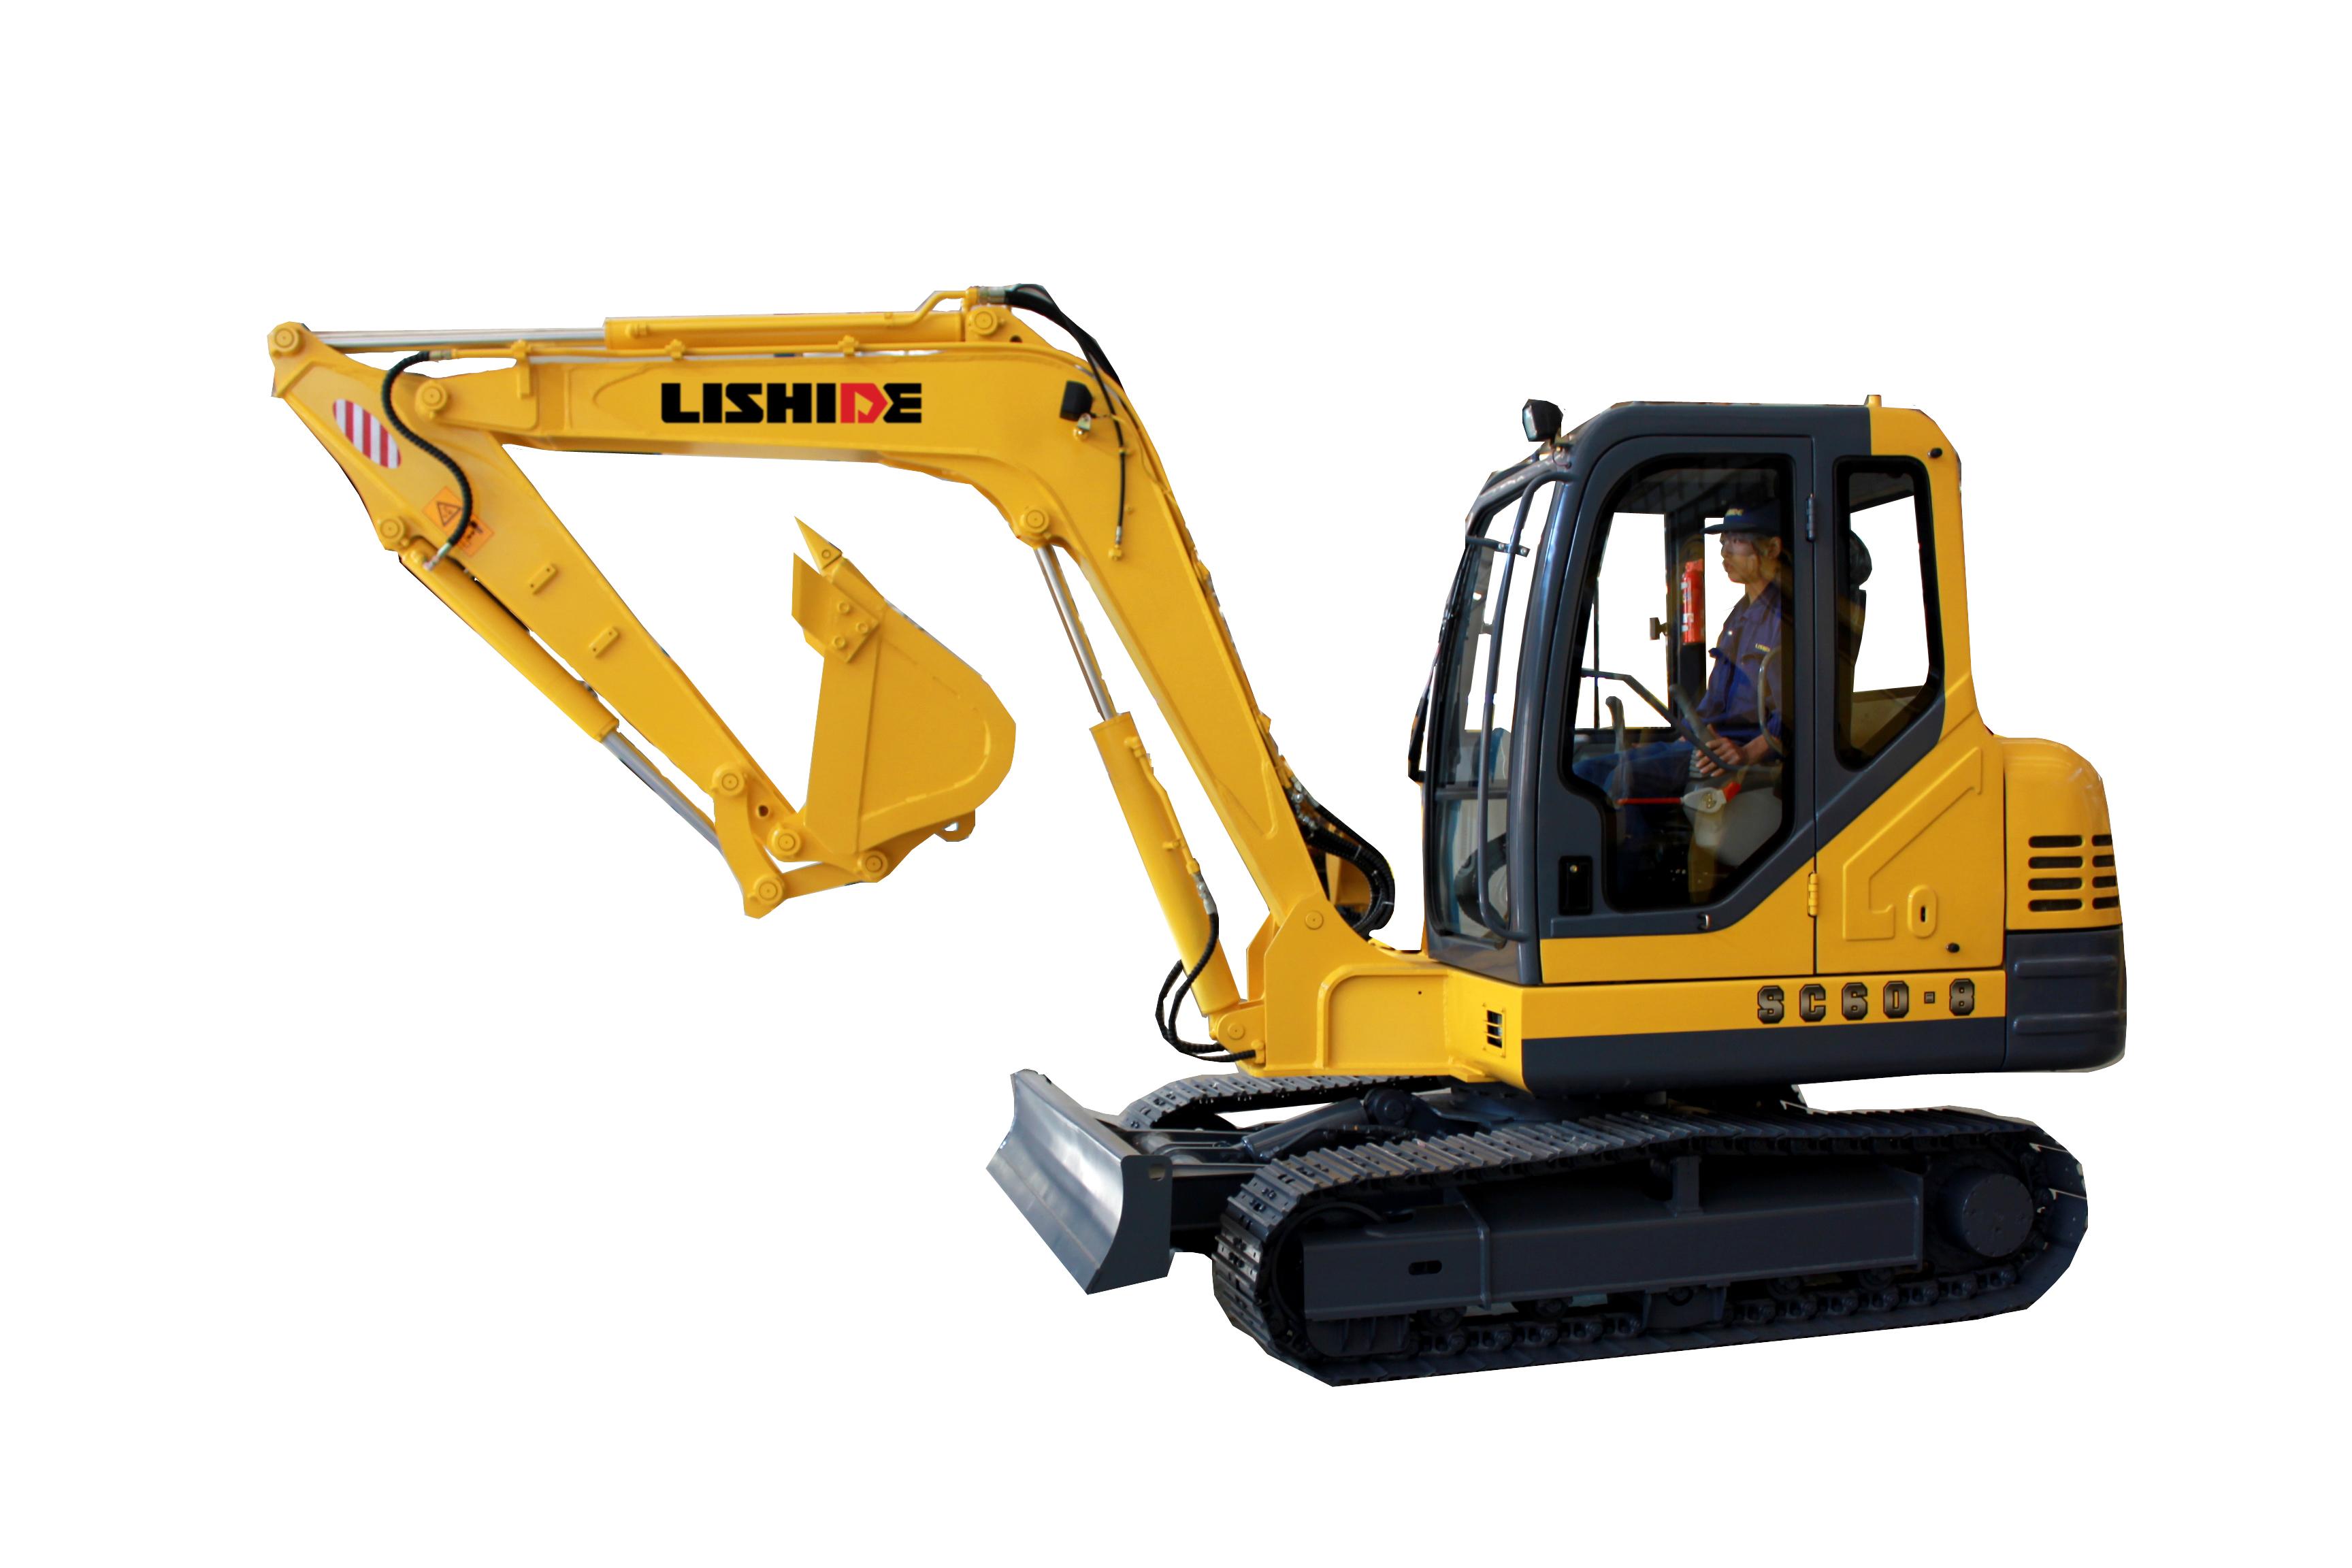 力士德SC60.8挖掘机